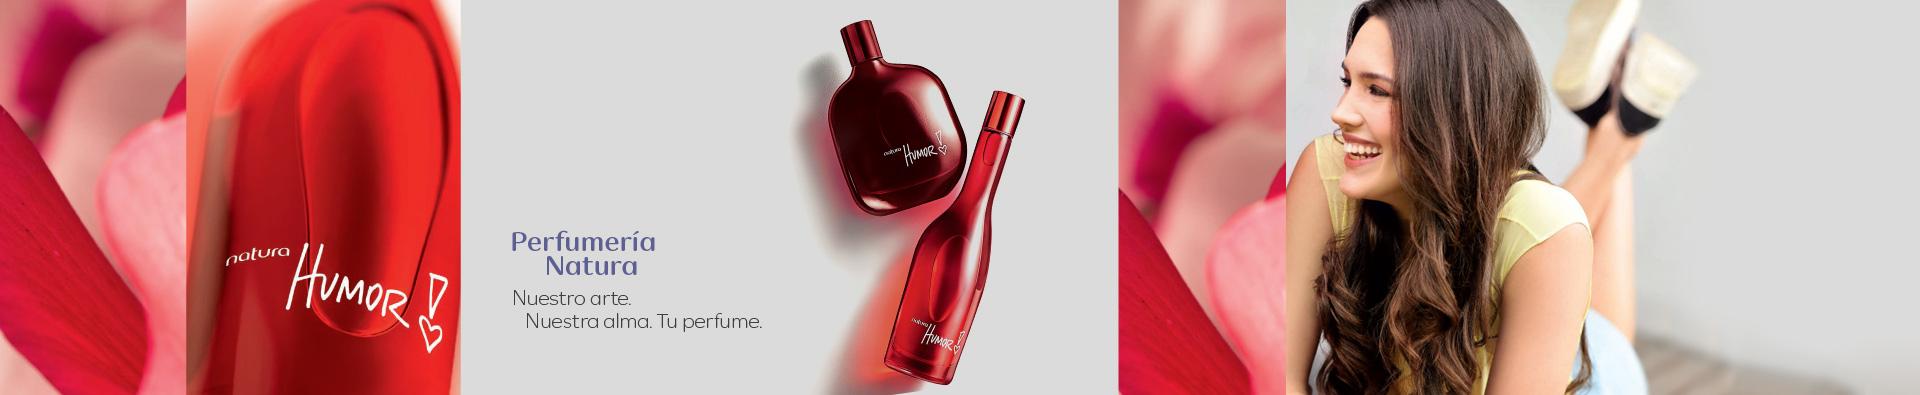 Dos perfumes Humor y Mujer recostada mirando de perfil